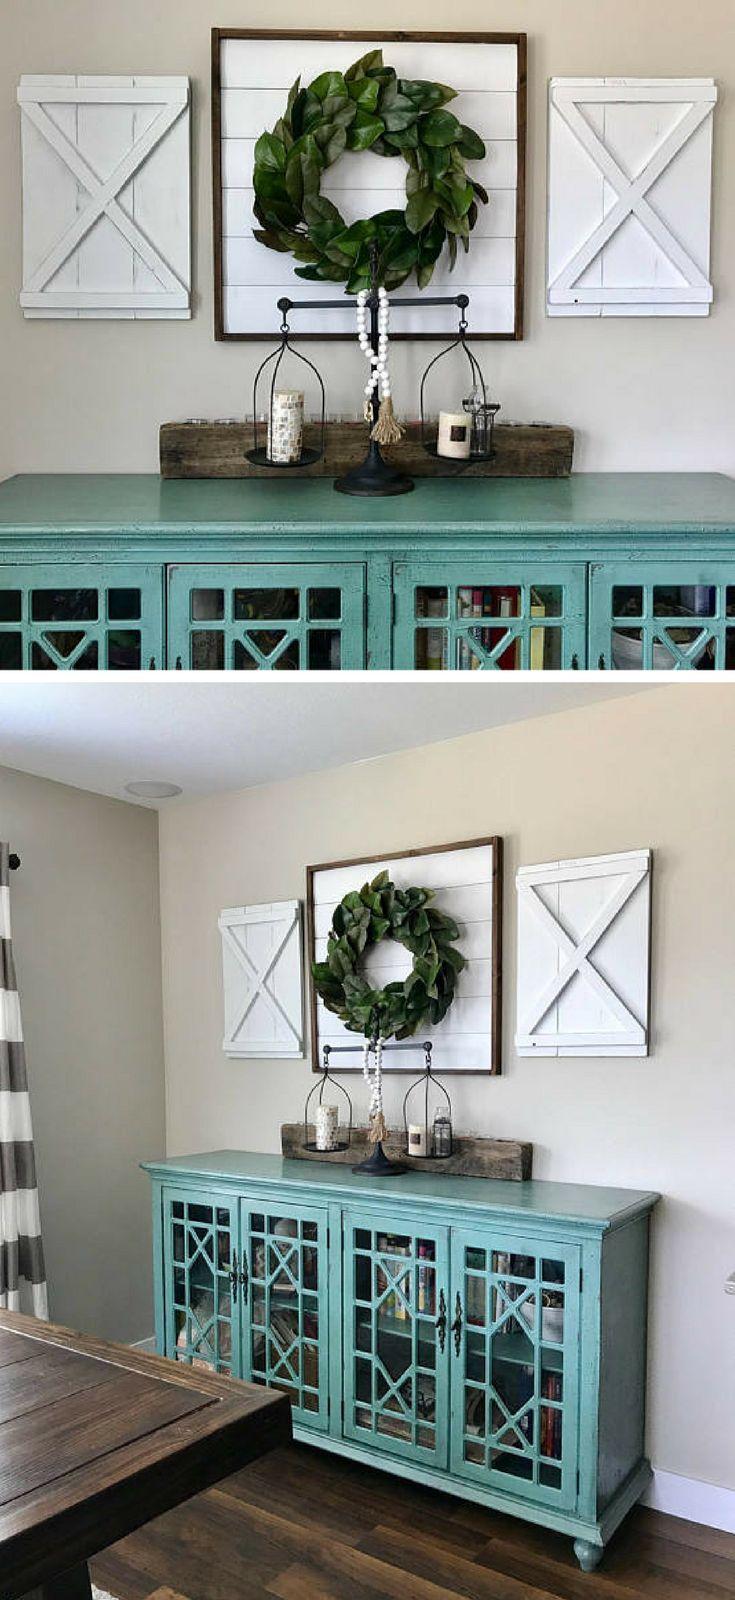 Best 25 shutter decor ideas on pinterest window - Decorative interior wall shutters ...